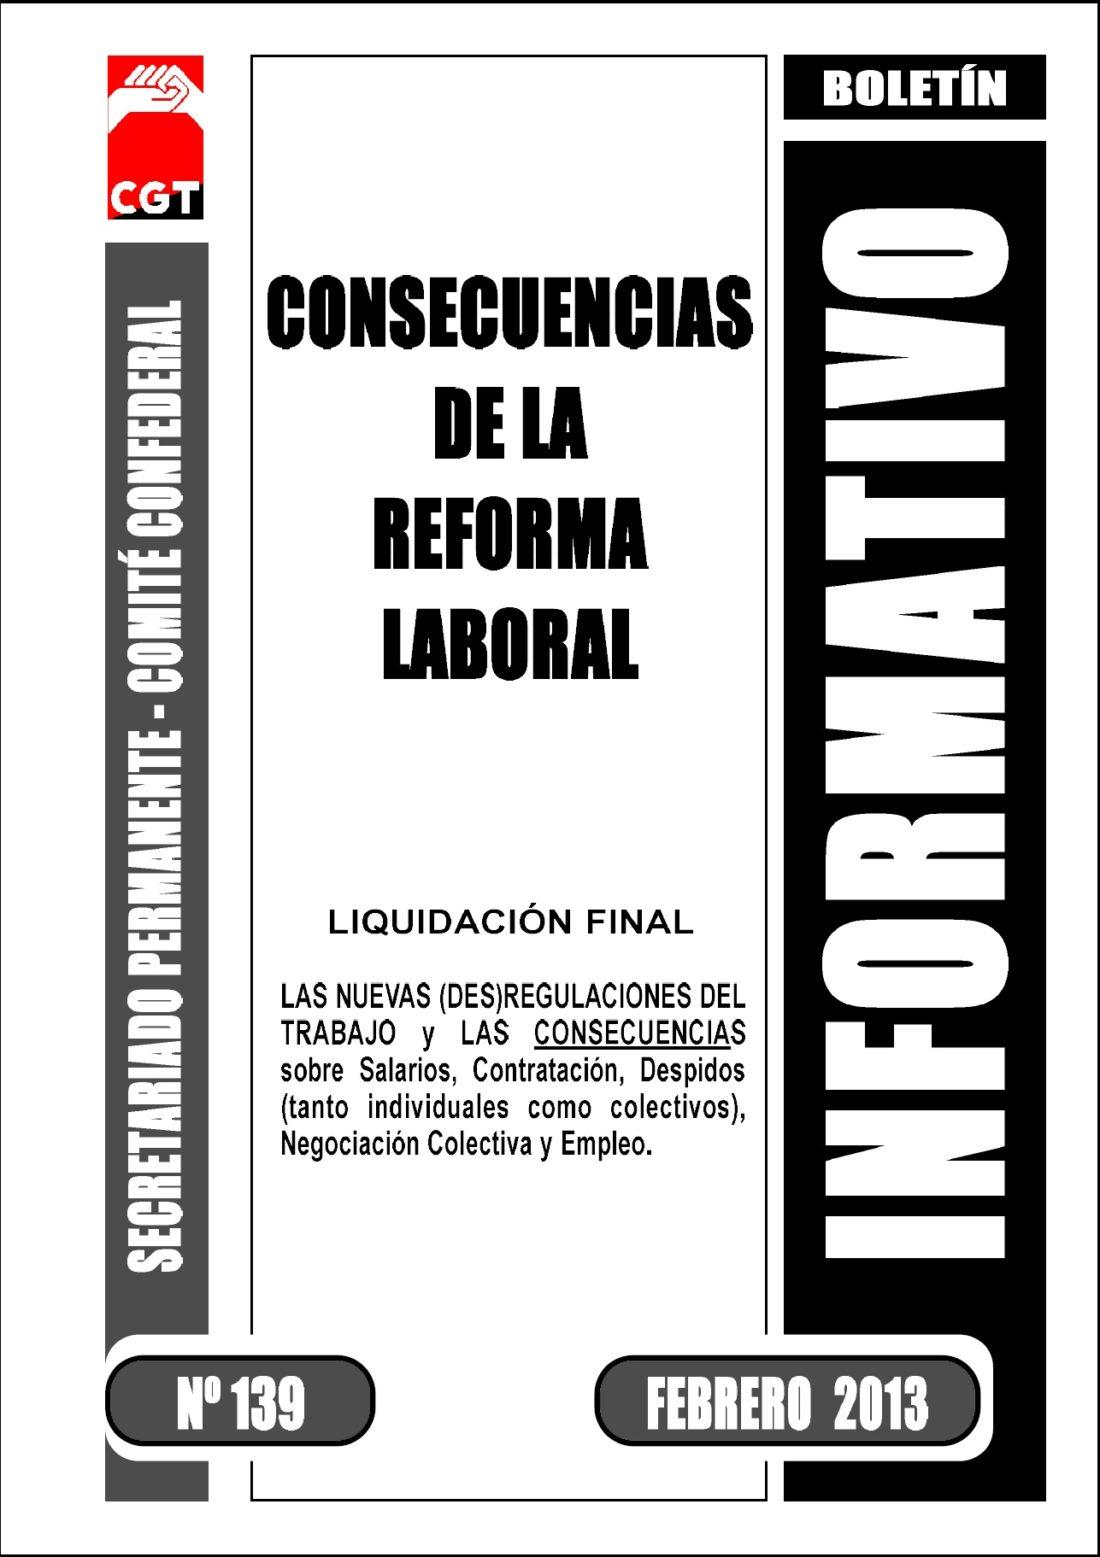 Boletín 139: Consecuencias de la Reforma Laboral